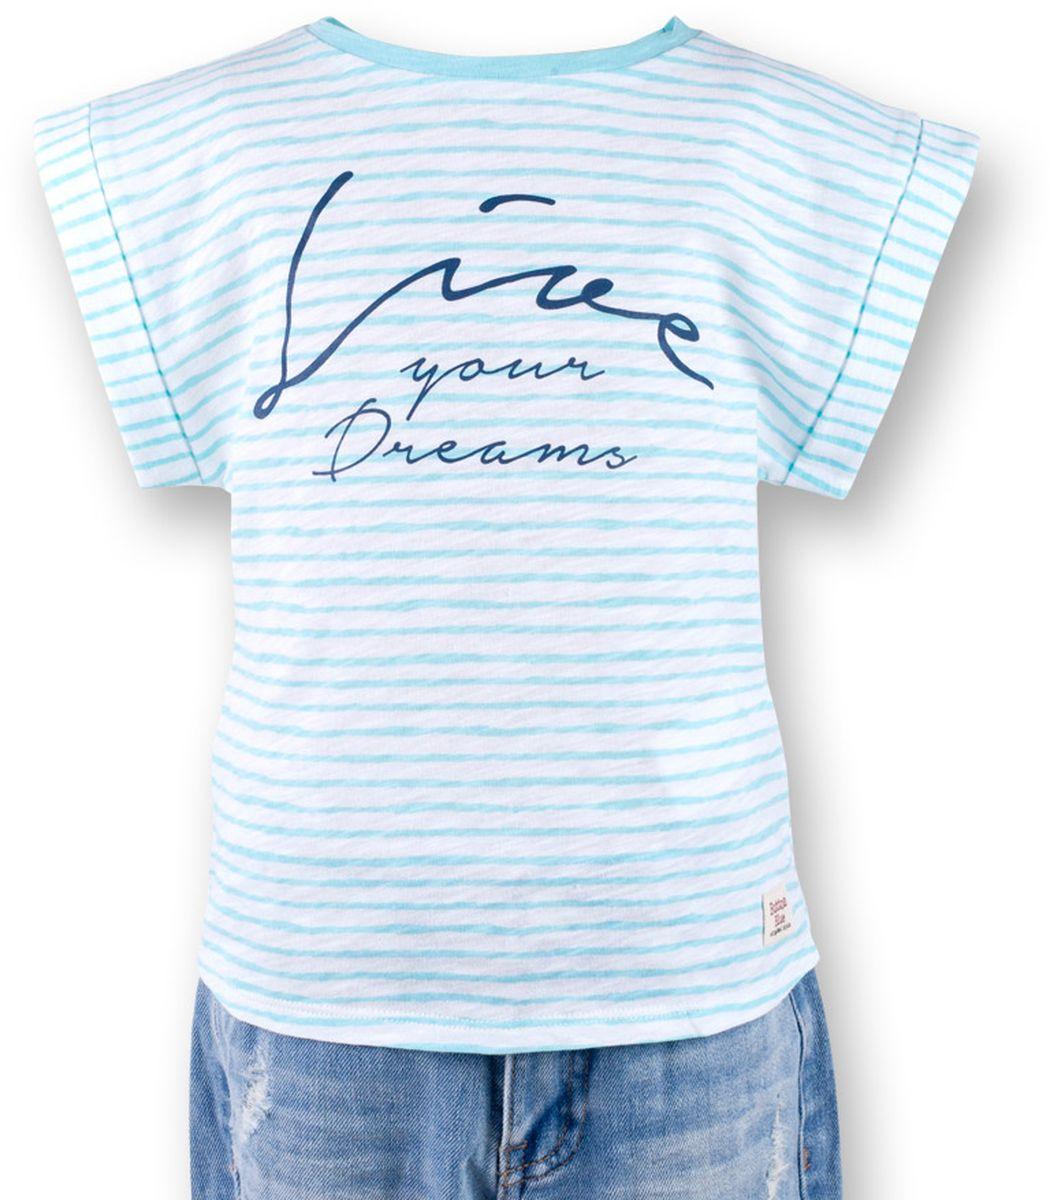 Футболка117BBGC12022605Полосатая футболка - не только базовая вещь в гардеробе ребенка, но и залог хорошего летнего настроения! Если вы решили купить футболку для девочки, выберете модель футболки в полоску с оригинальным принтом, и ваш ребенок будет доволен! Низкая цена не окажет влияния на бюджет семьи, позволив создать яркий базовый гардероб для долгожданных каникул!